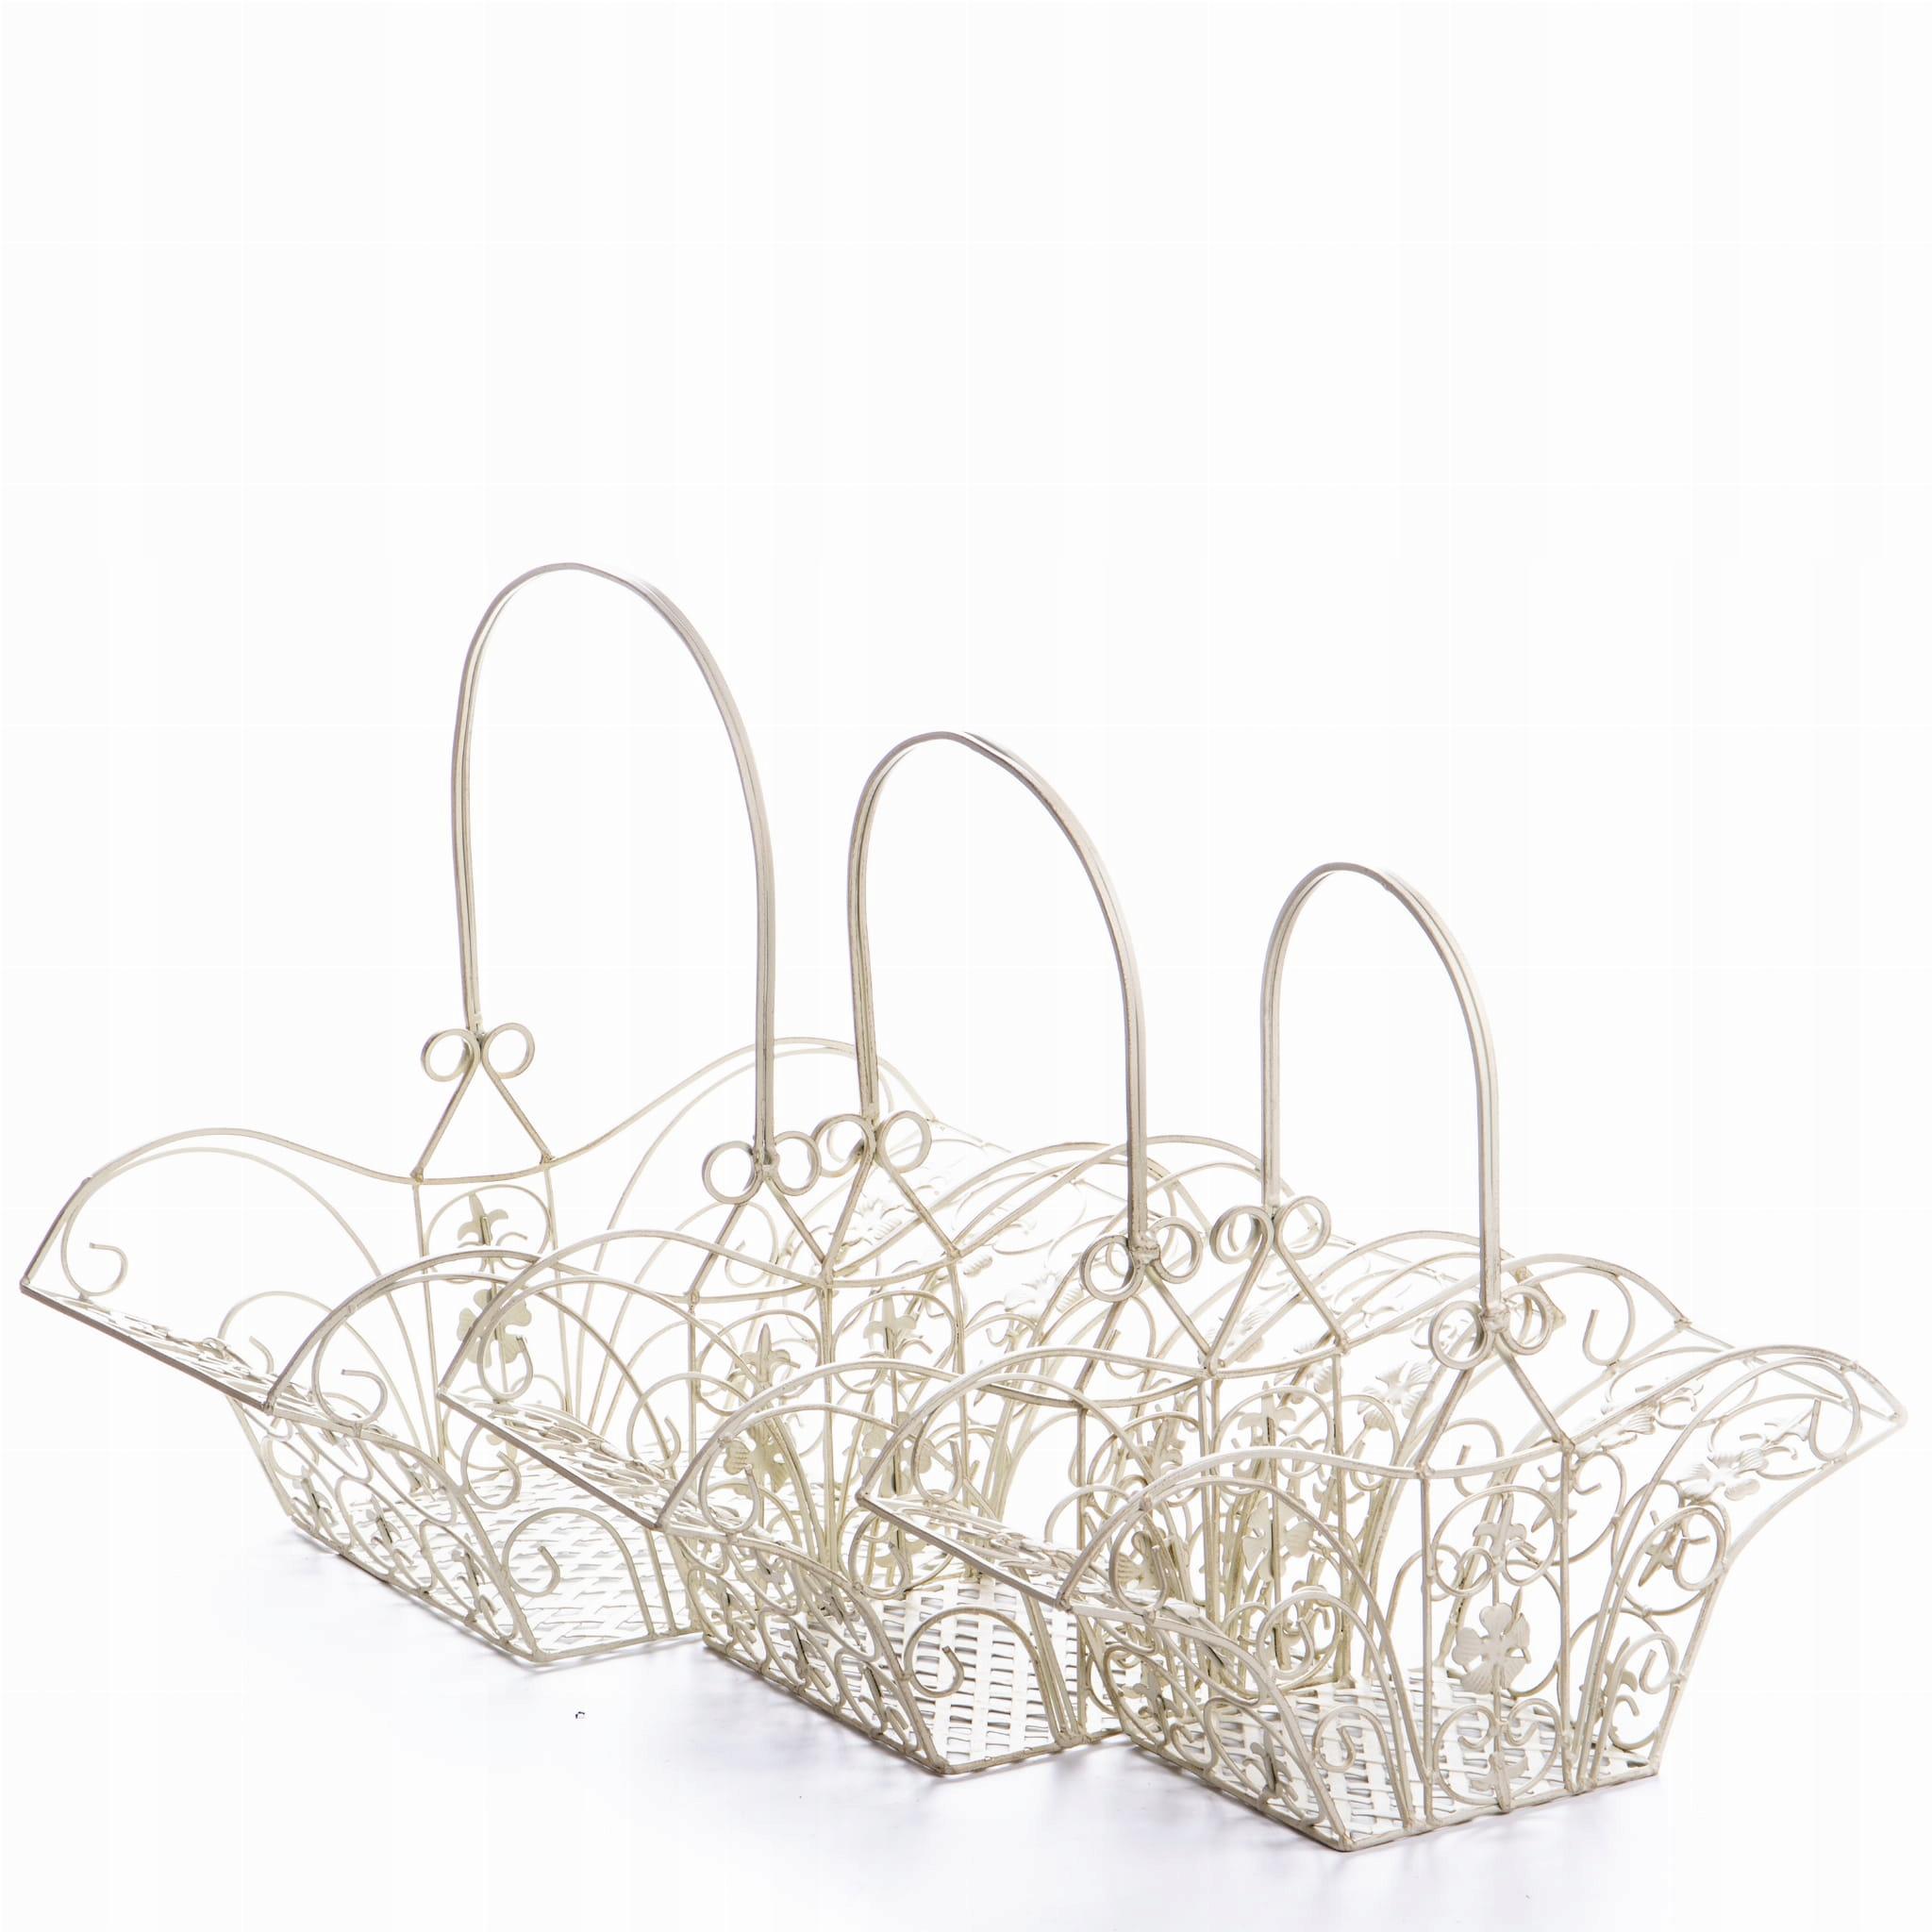 Sada kovových košov Ecru pre záhradu v retro štýle